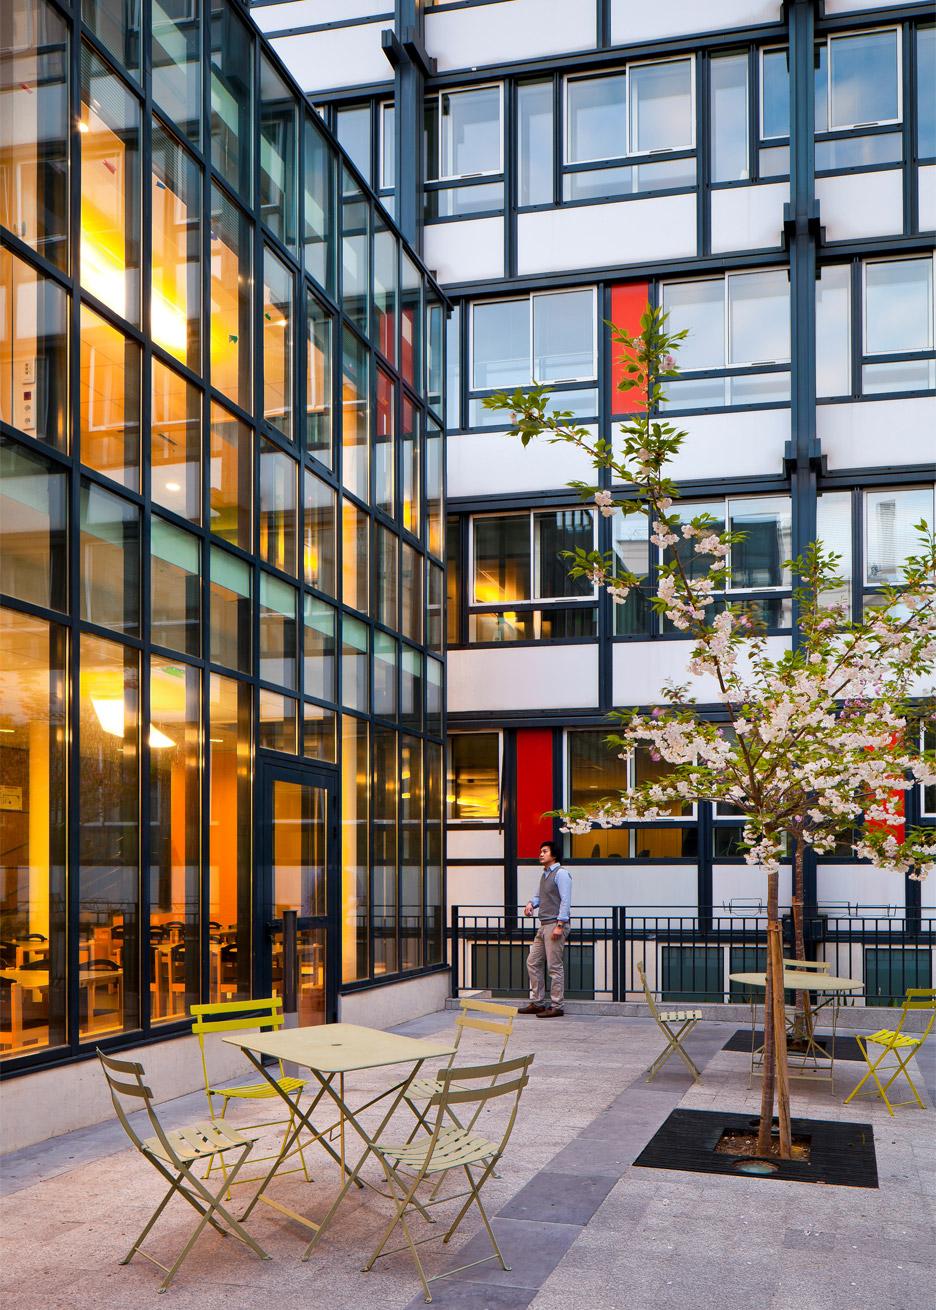 Atelier 2+1 adds glazed extension to Paris psychiatric hospital